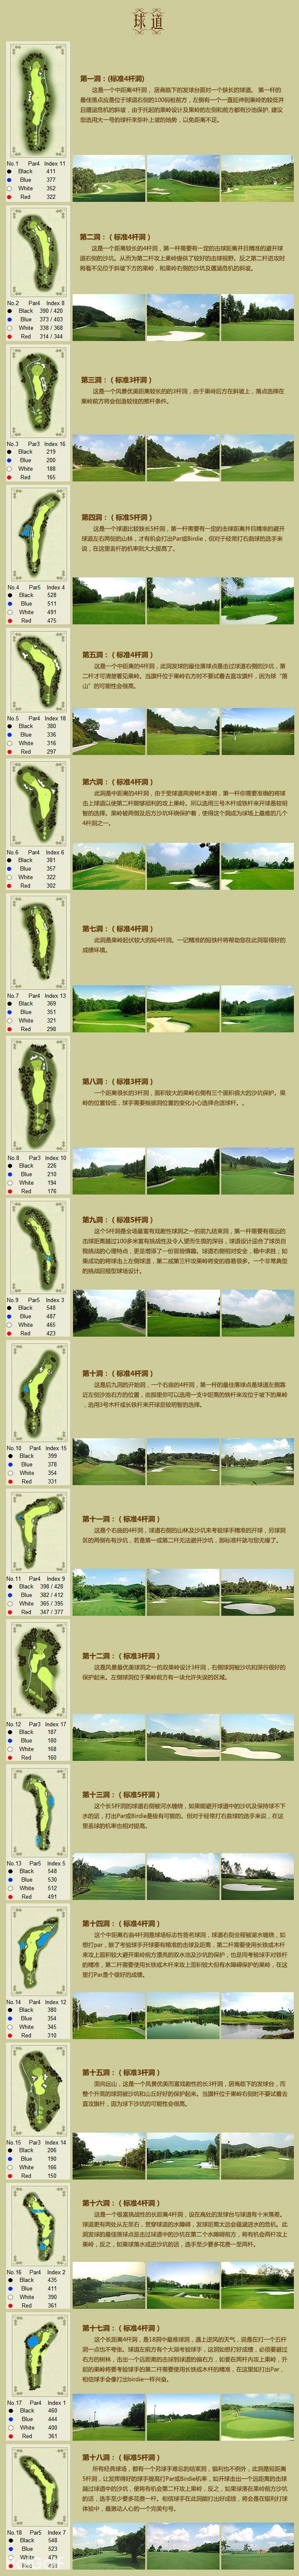 银利外商高尔夫球场球道图